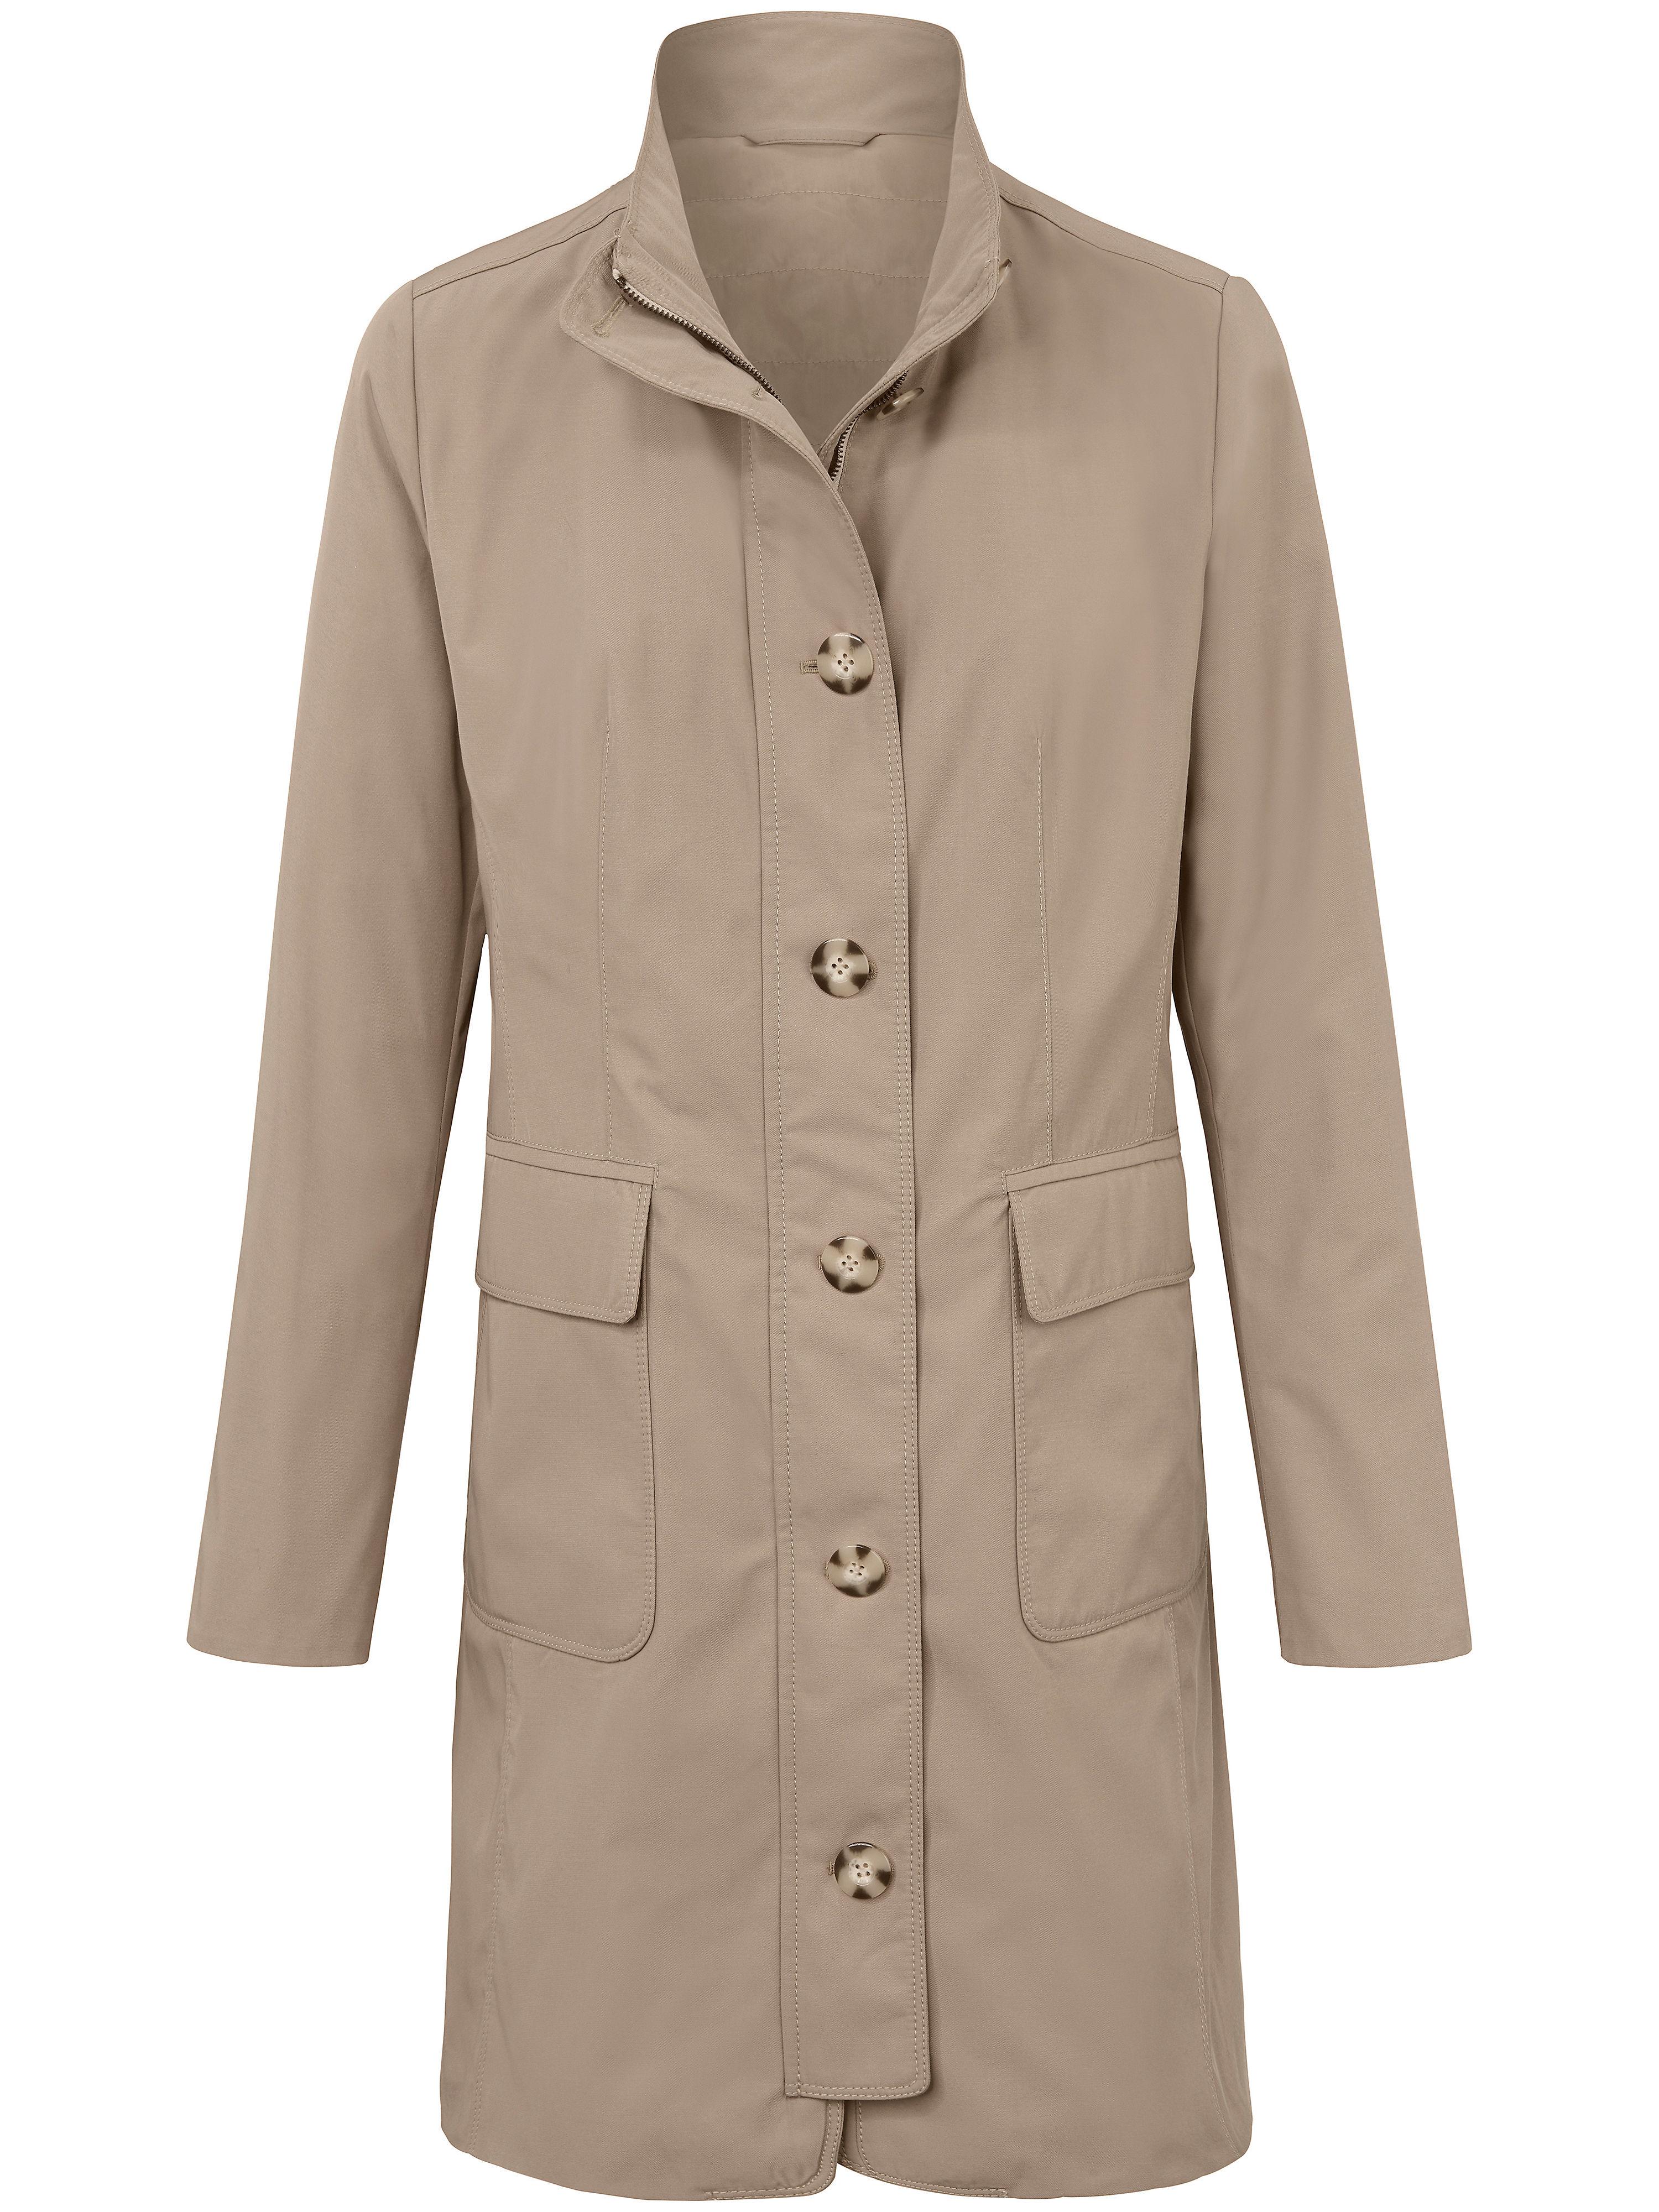 Le manteau  MYBC beige taille 40